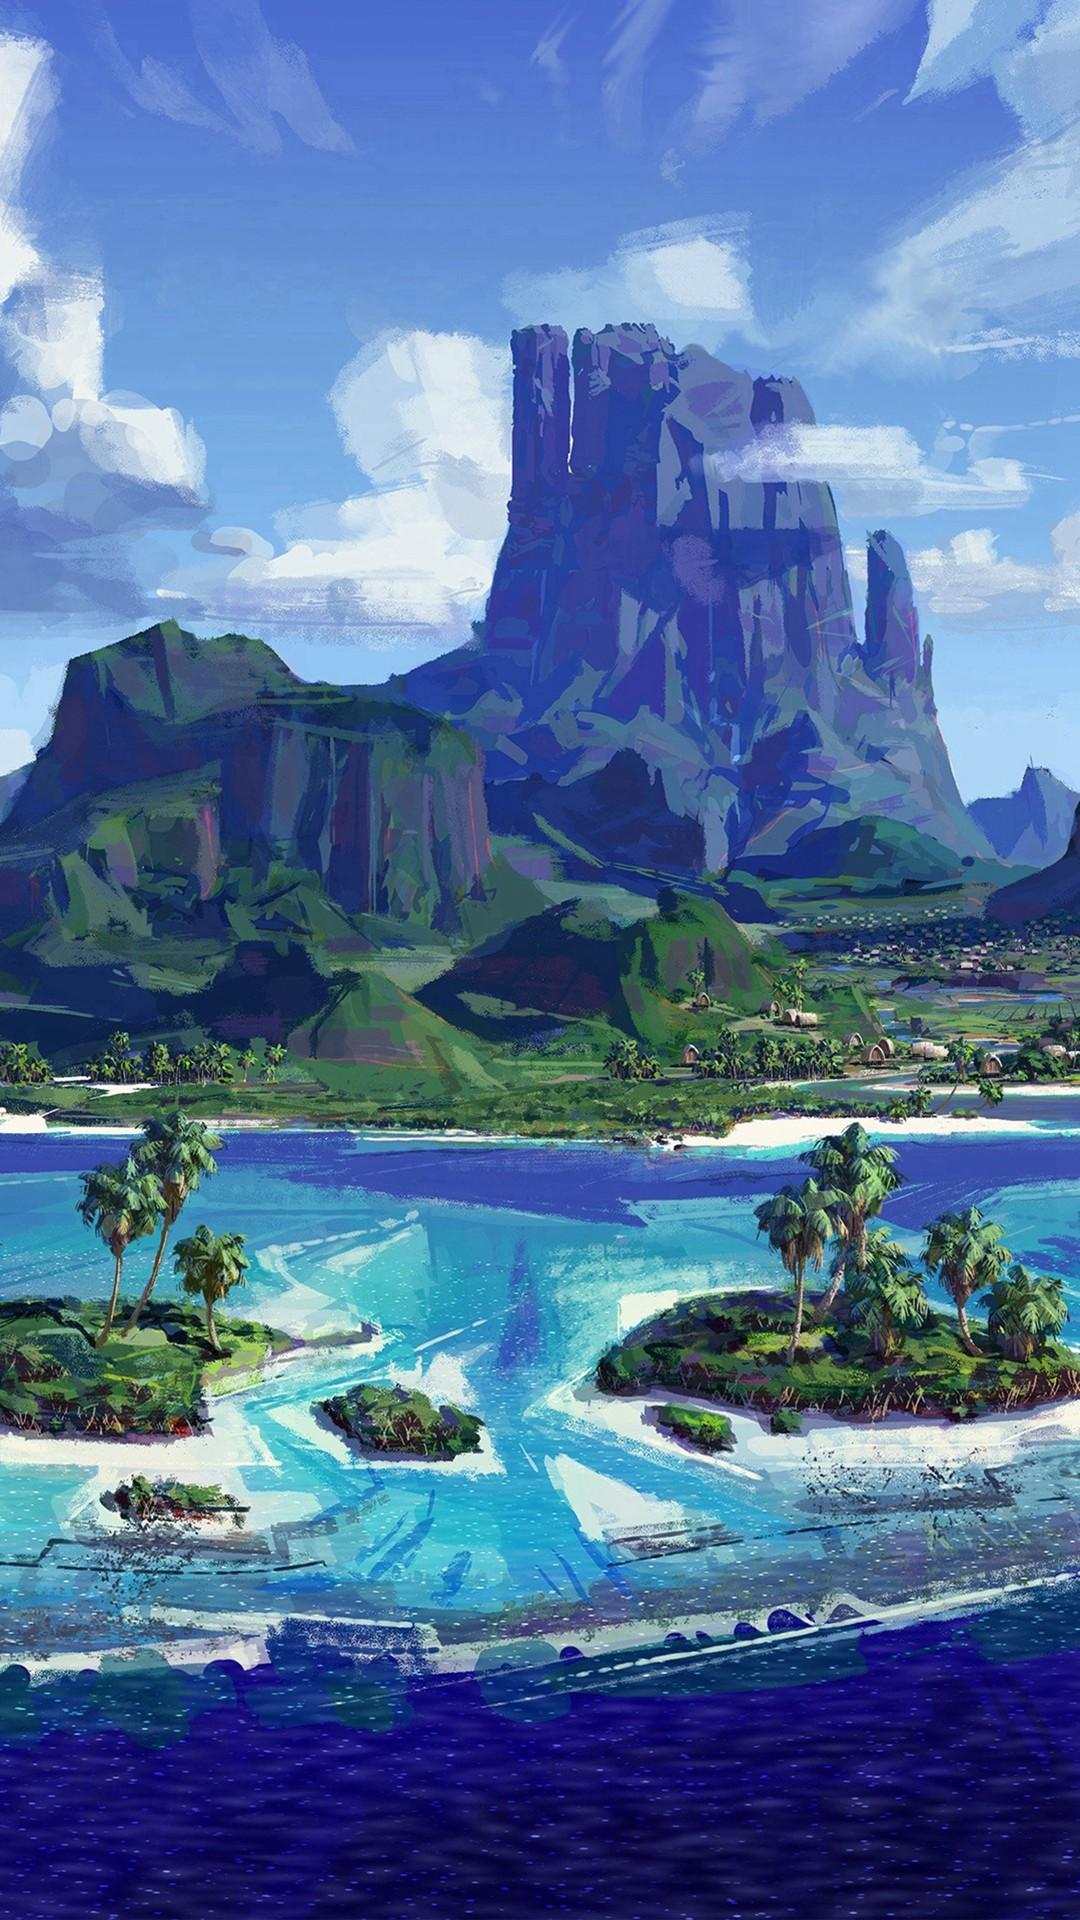 Sea Anime Paint Summer Illustration Art iPhone 8 wallpaper